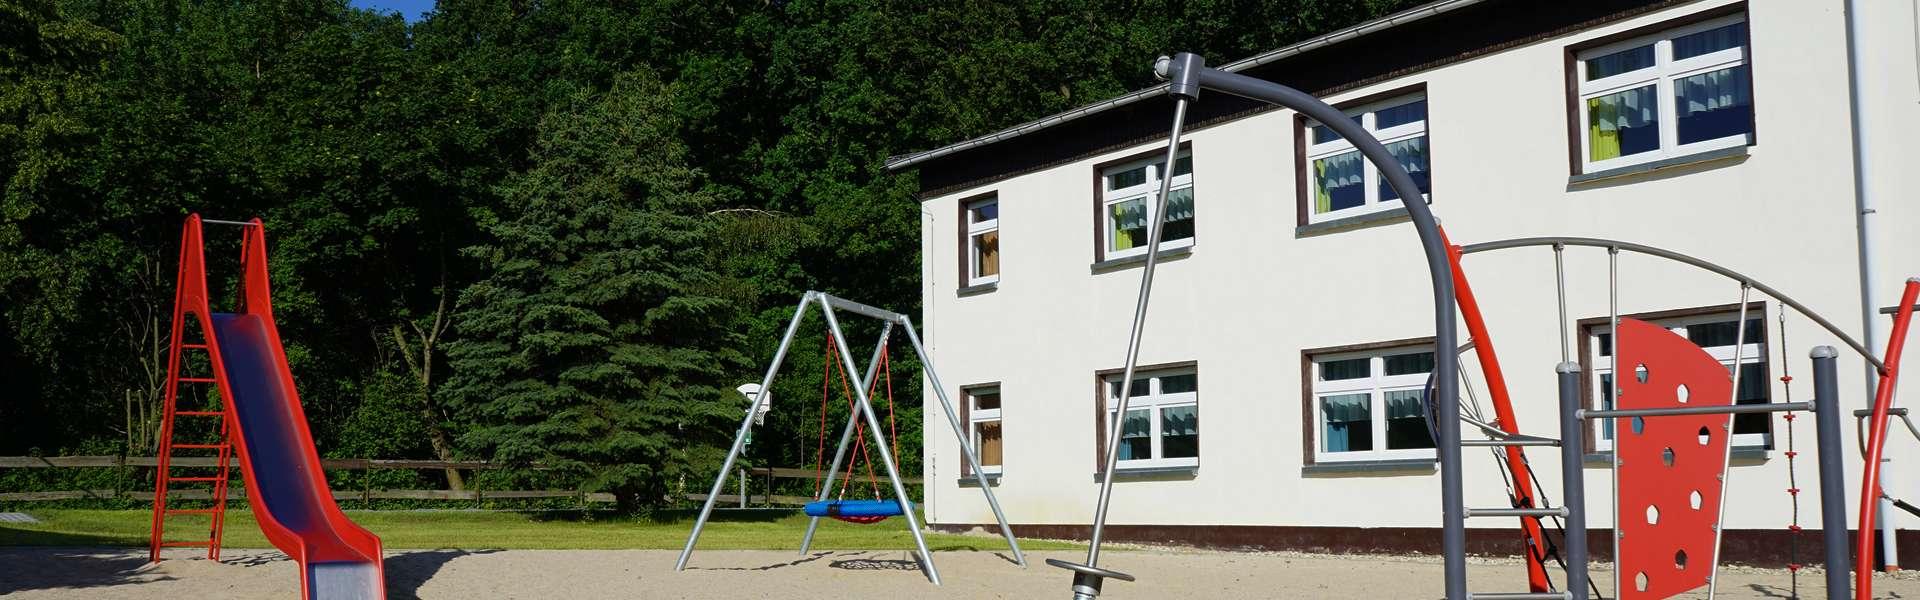 Oberlausitzer Dreieck - Startbild Gästehaus